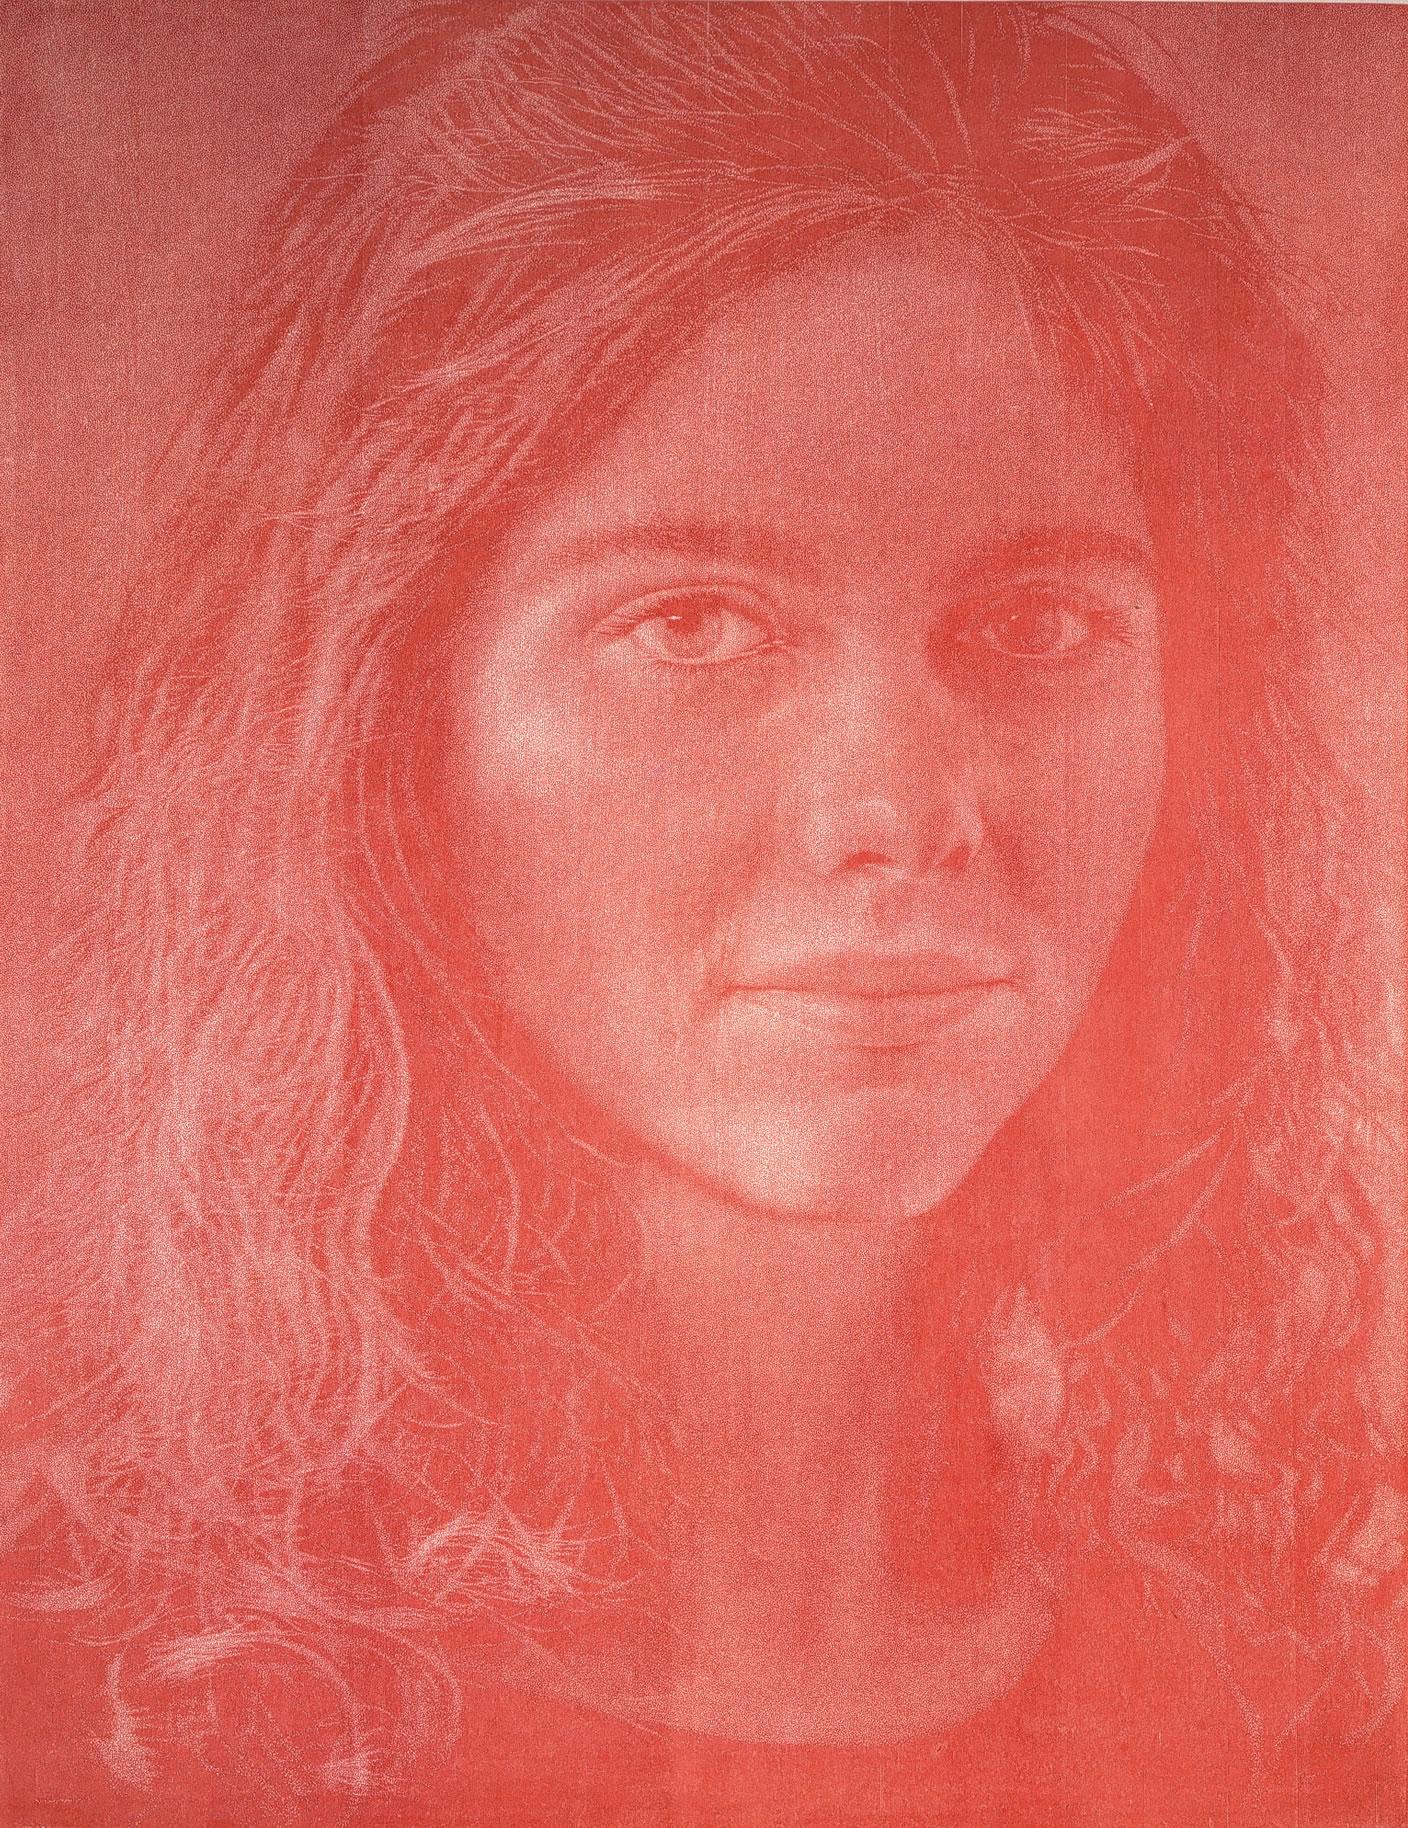 Dominique, 1988/89